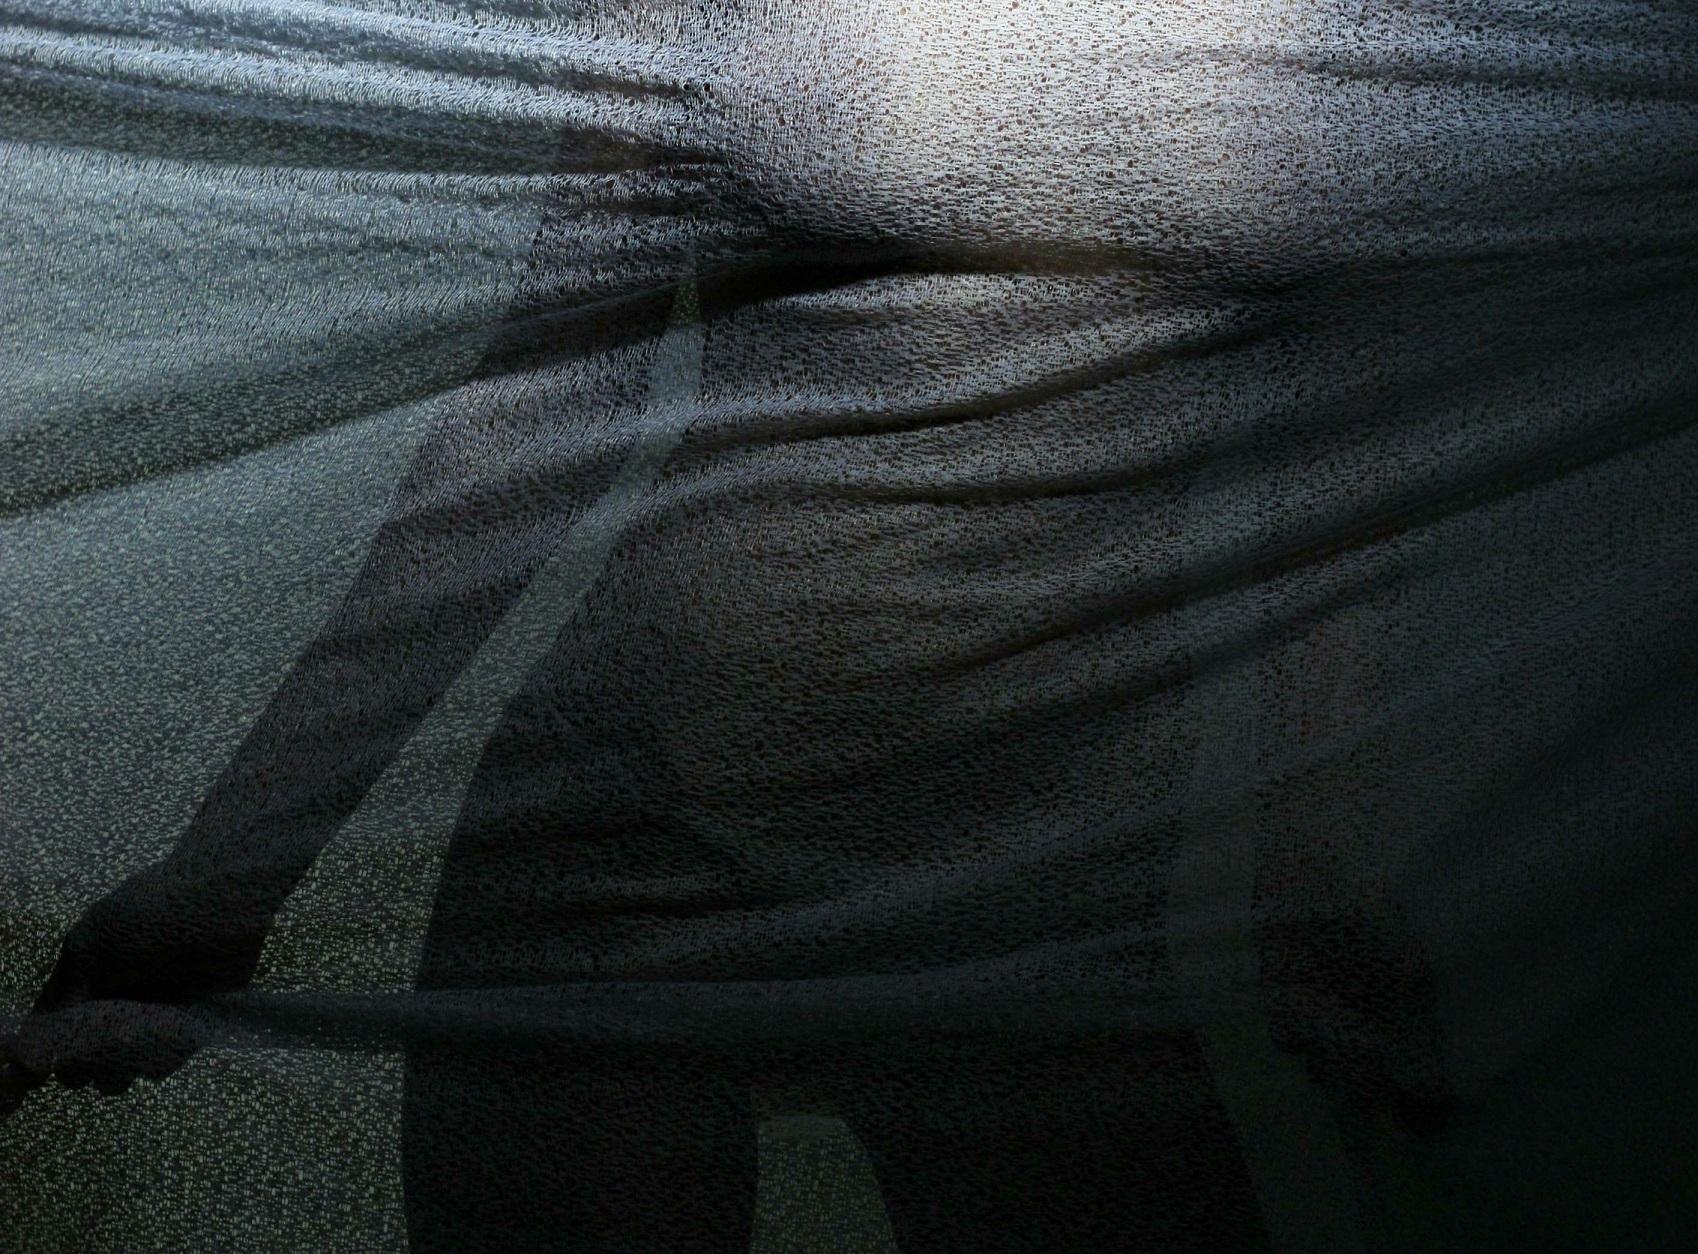 ВВолгограде две нигерийские проститутки устроили бордель насъемной квартире